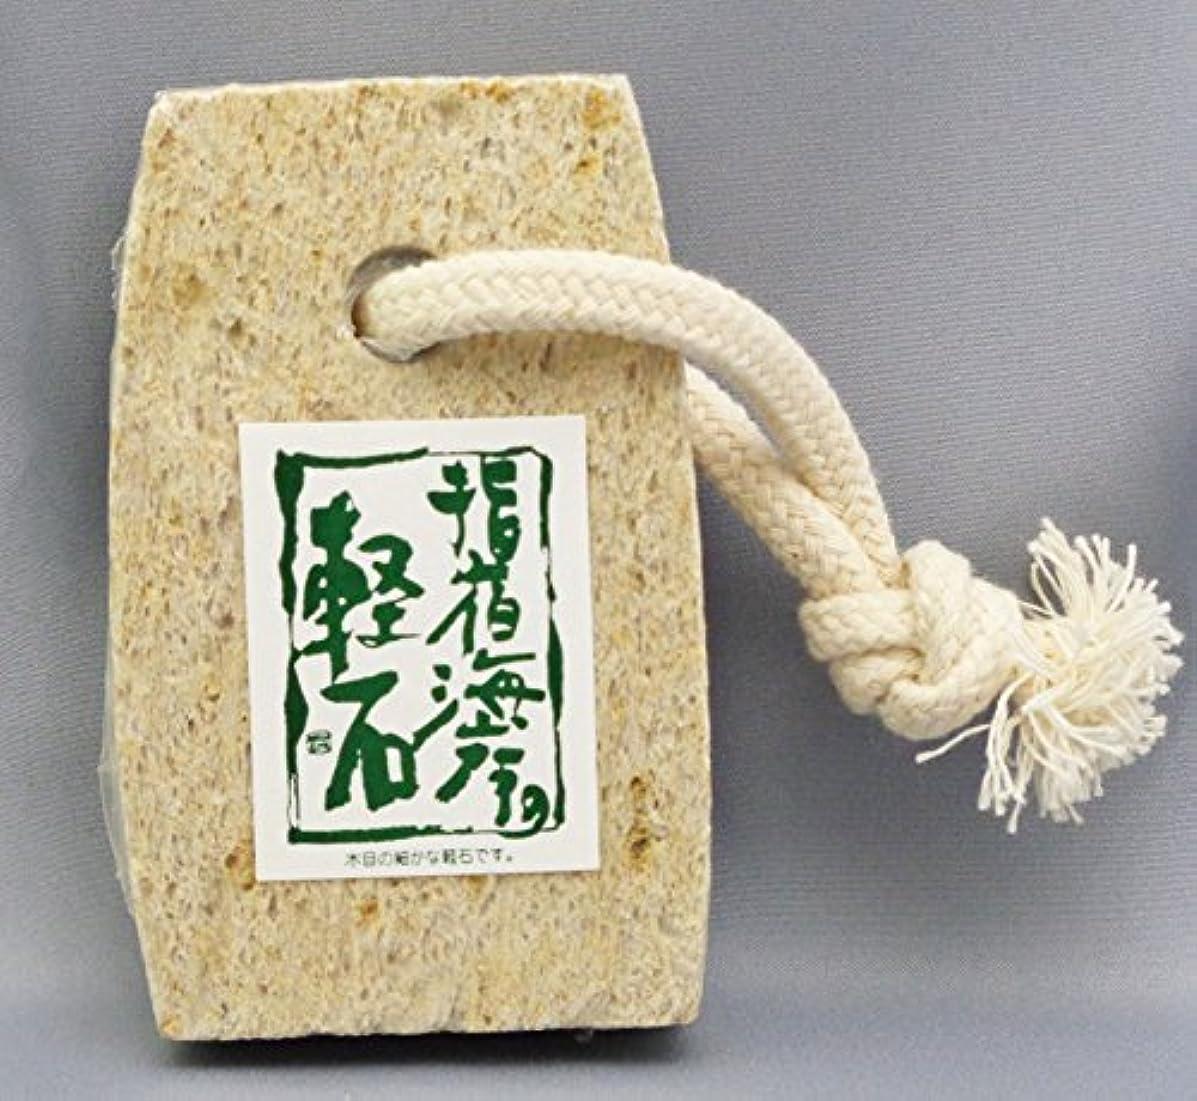 シャンパン社会先生シオザキ No.3 中判軽石 (ヒモ付き)指宿の軽石